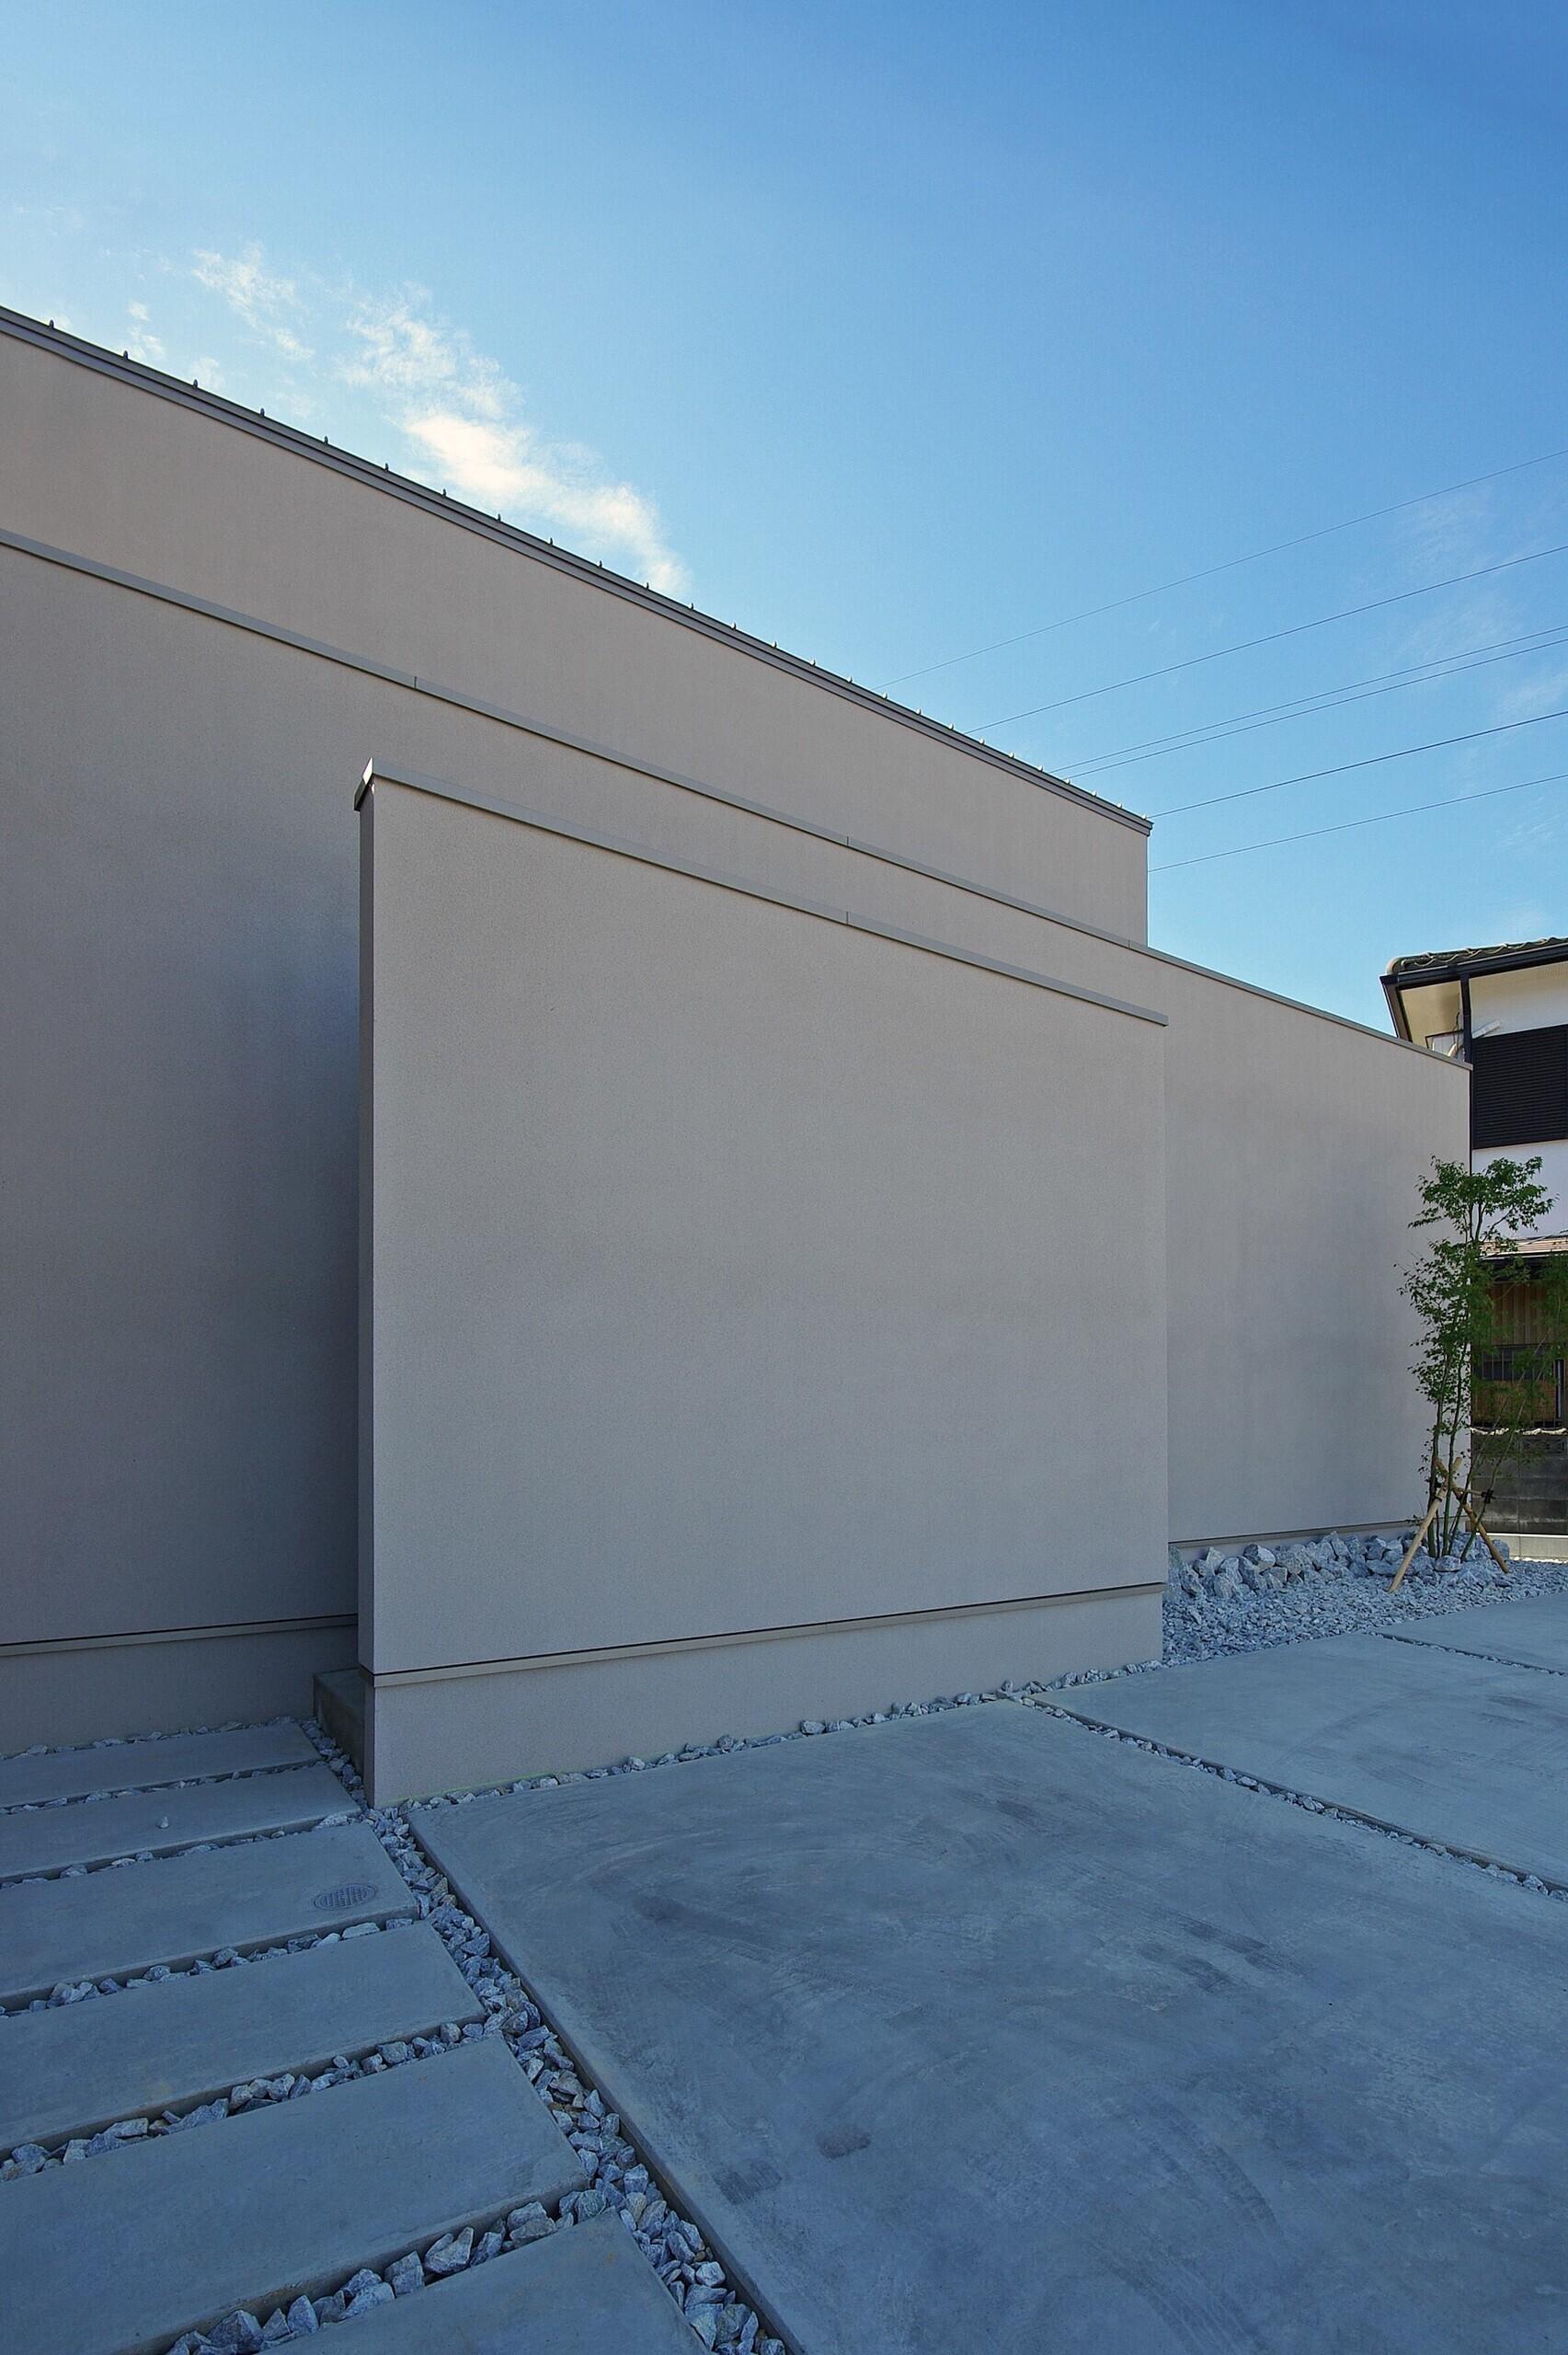 正面は3枚の壁で構成された外観となっています。閉鎖的な外見からは想像できない程、室内は明るい空間となっています。 | 宮元の家-miyamoto